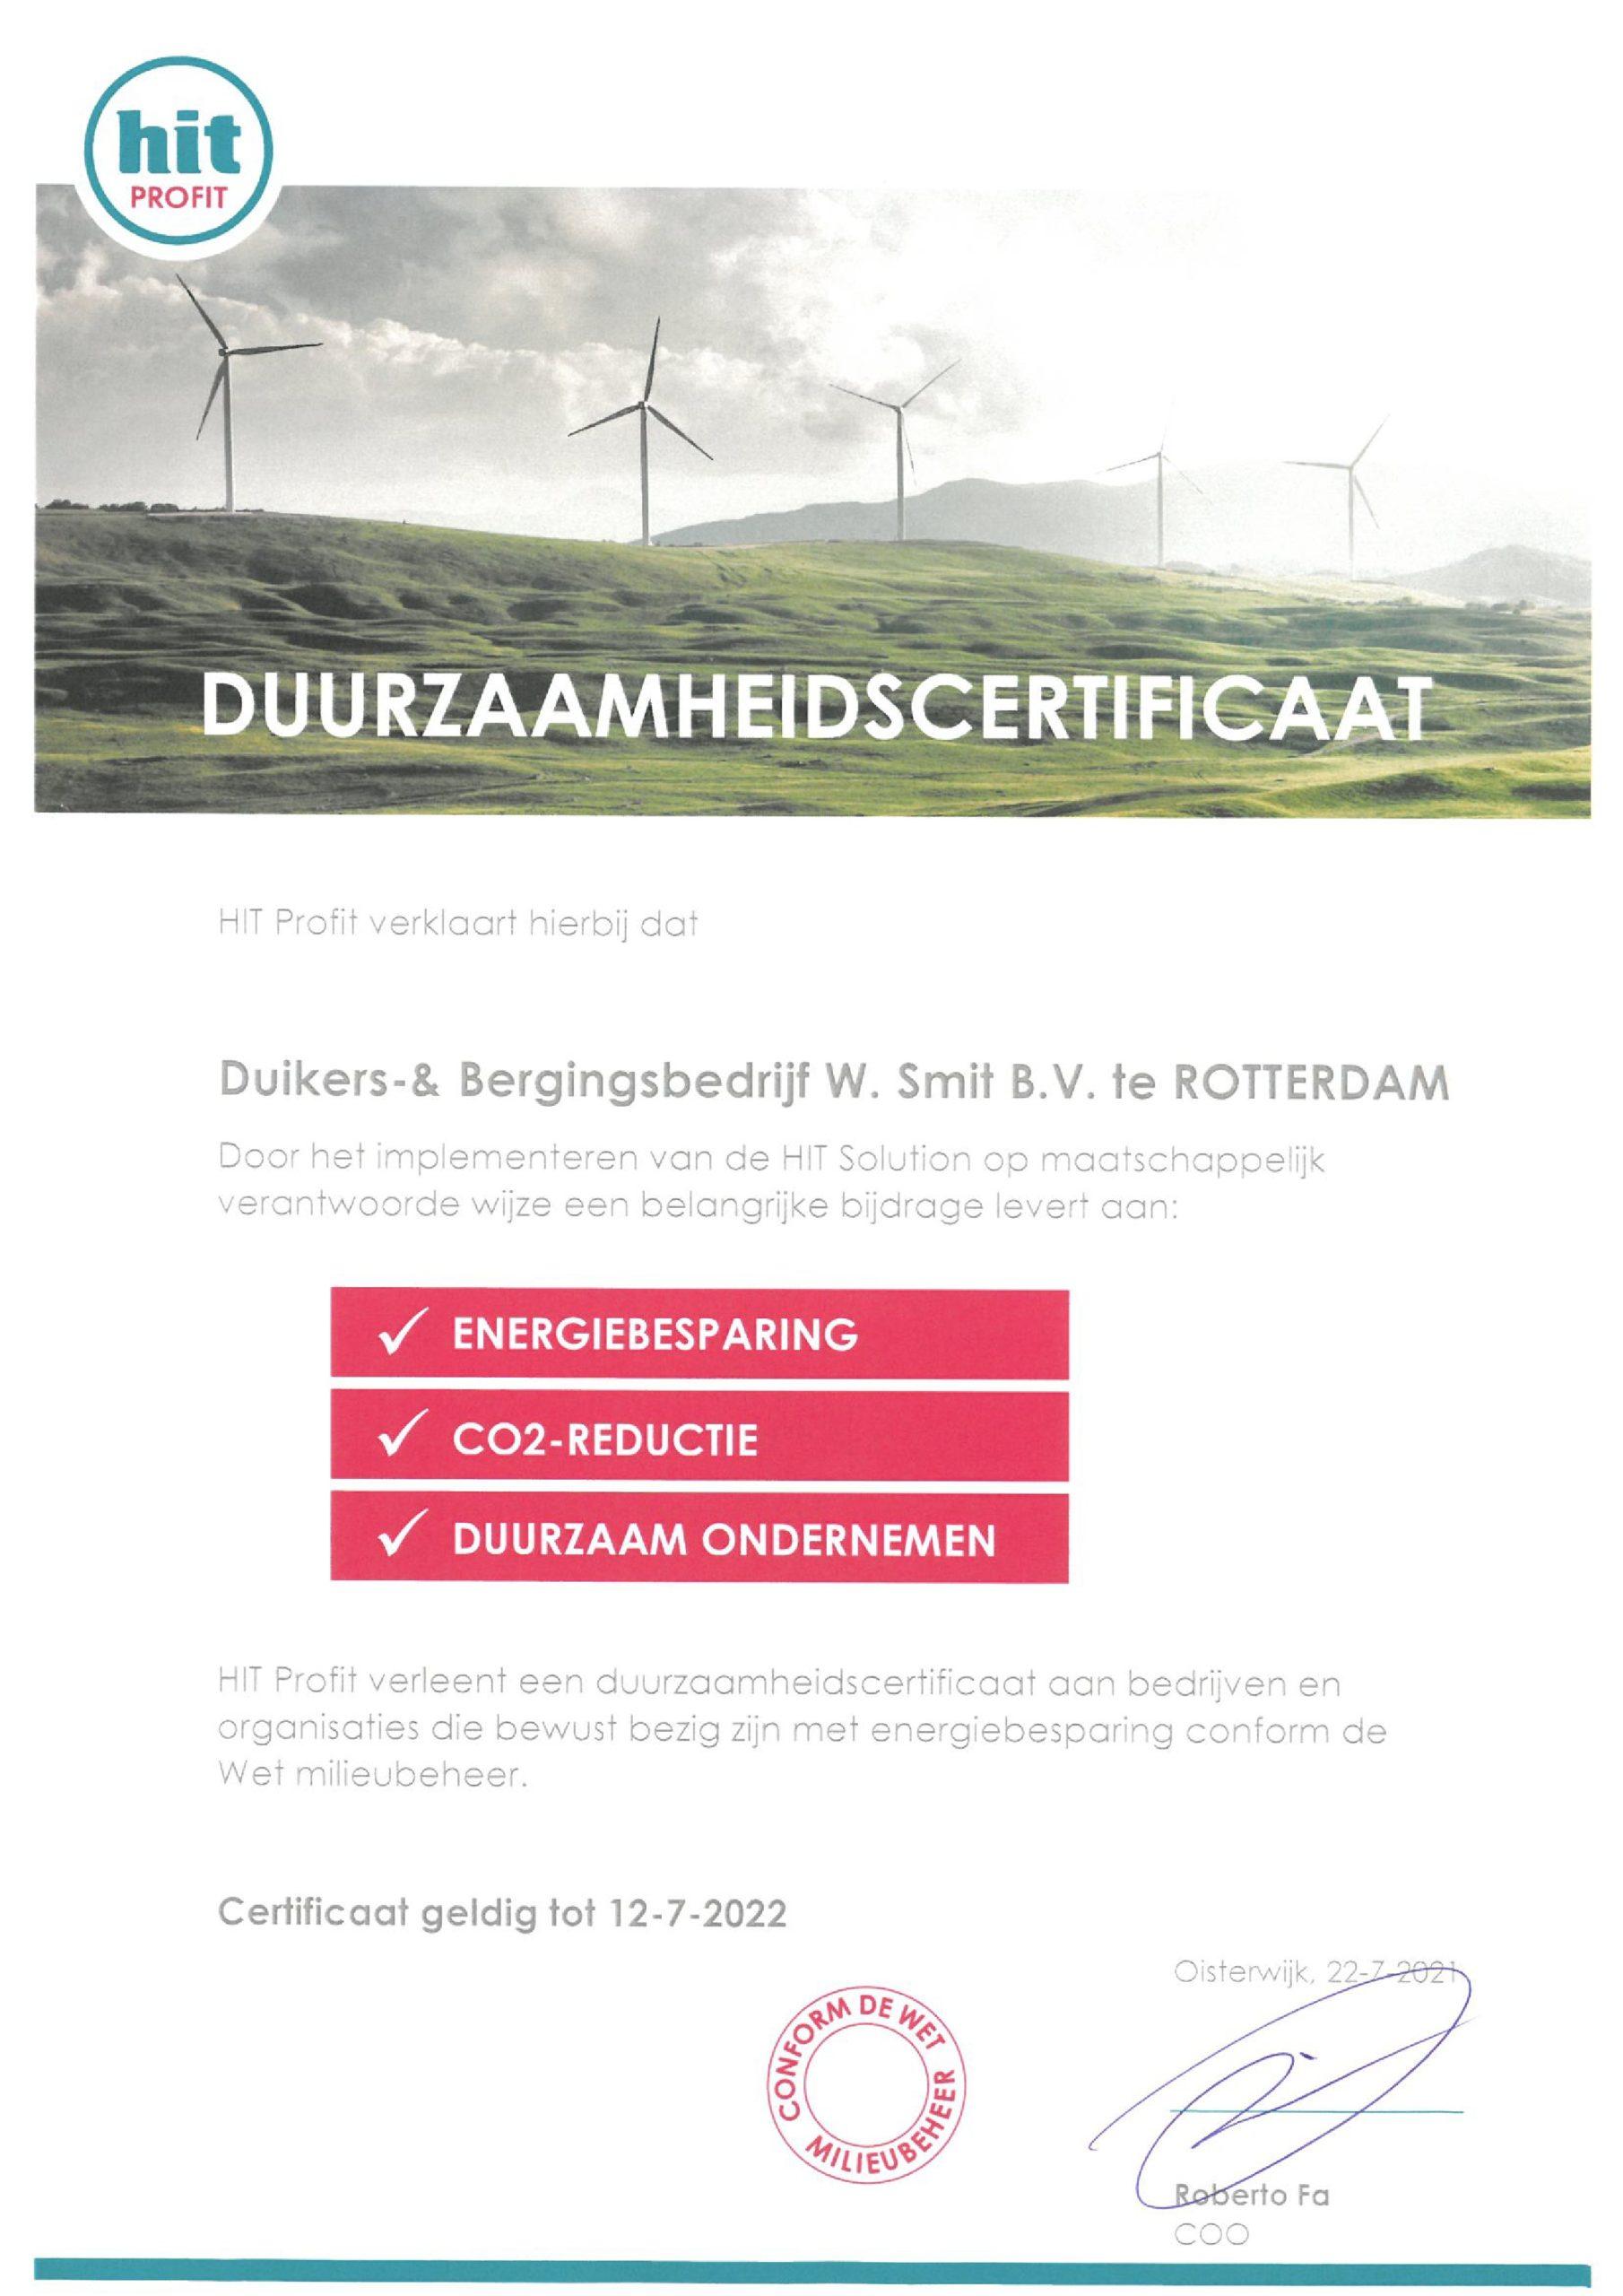 Duurzaamheidscertificaat